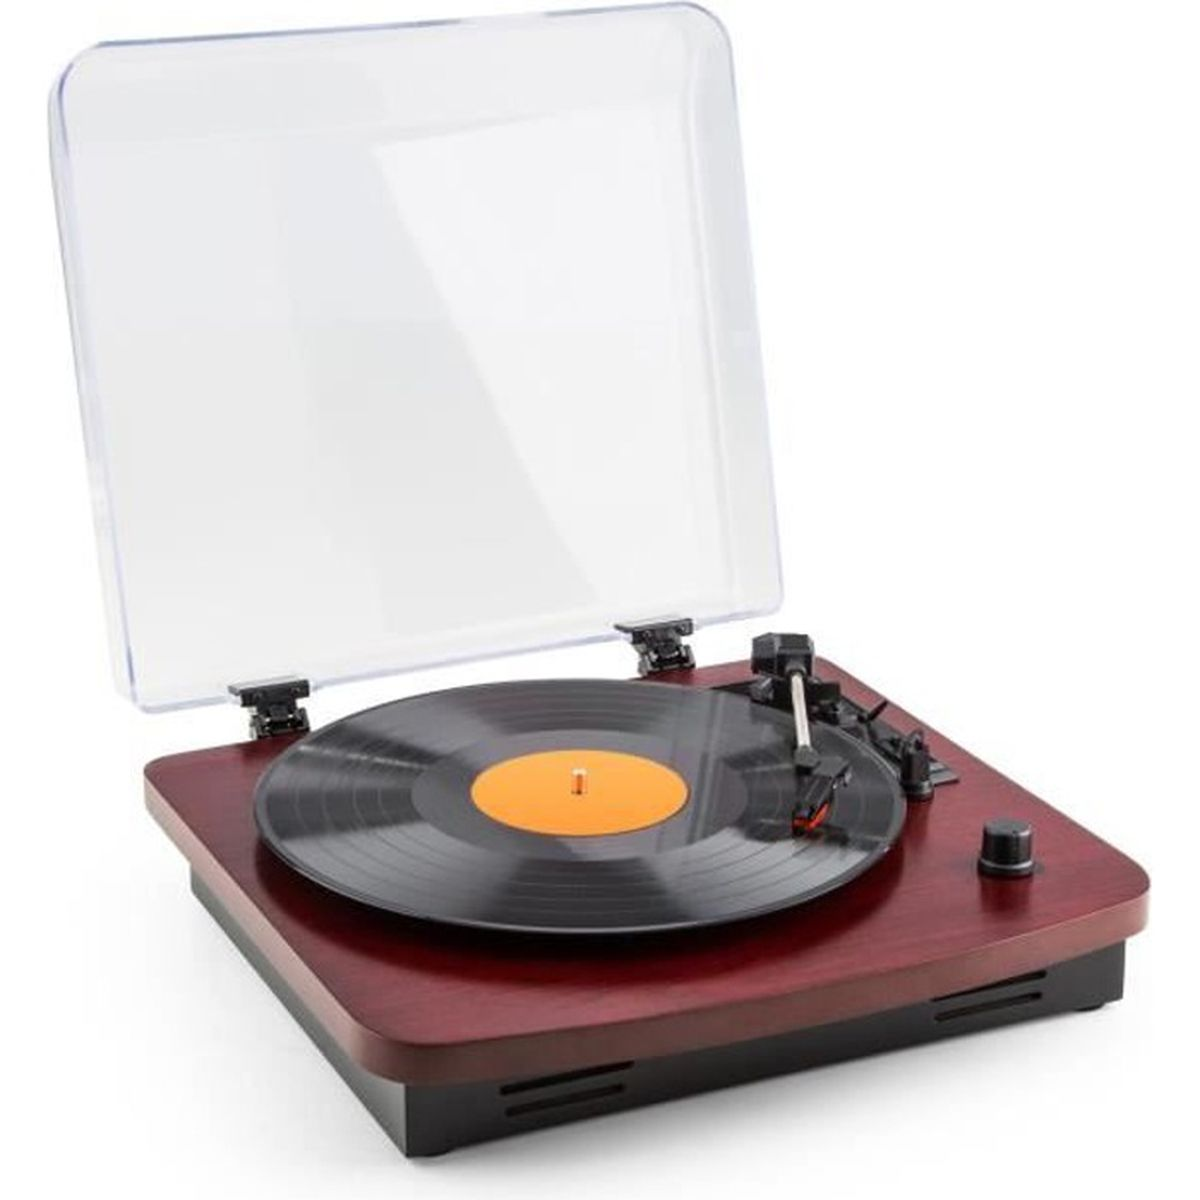 auna tt370 - tourne-disque platine vinyle rétro avec haut-parleurs